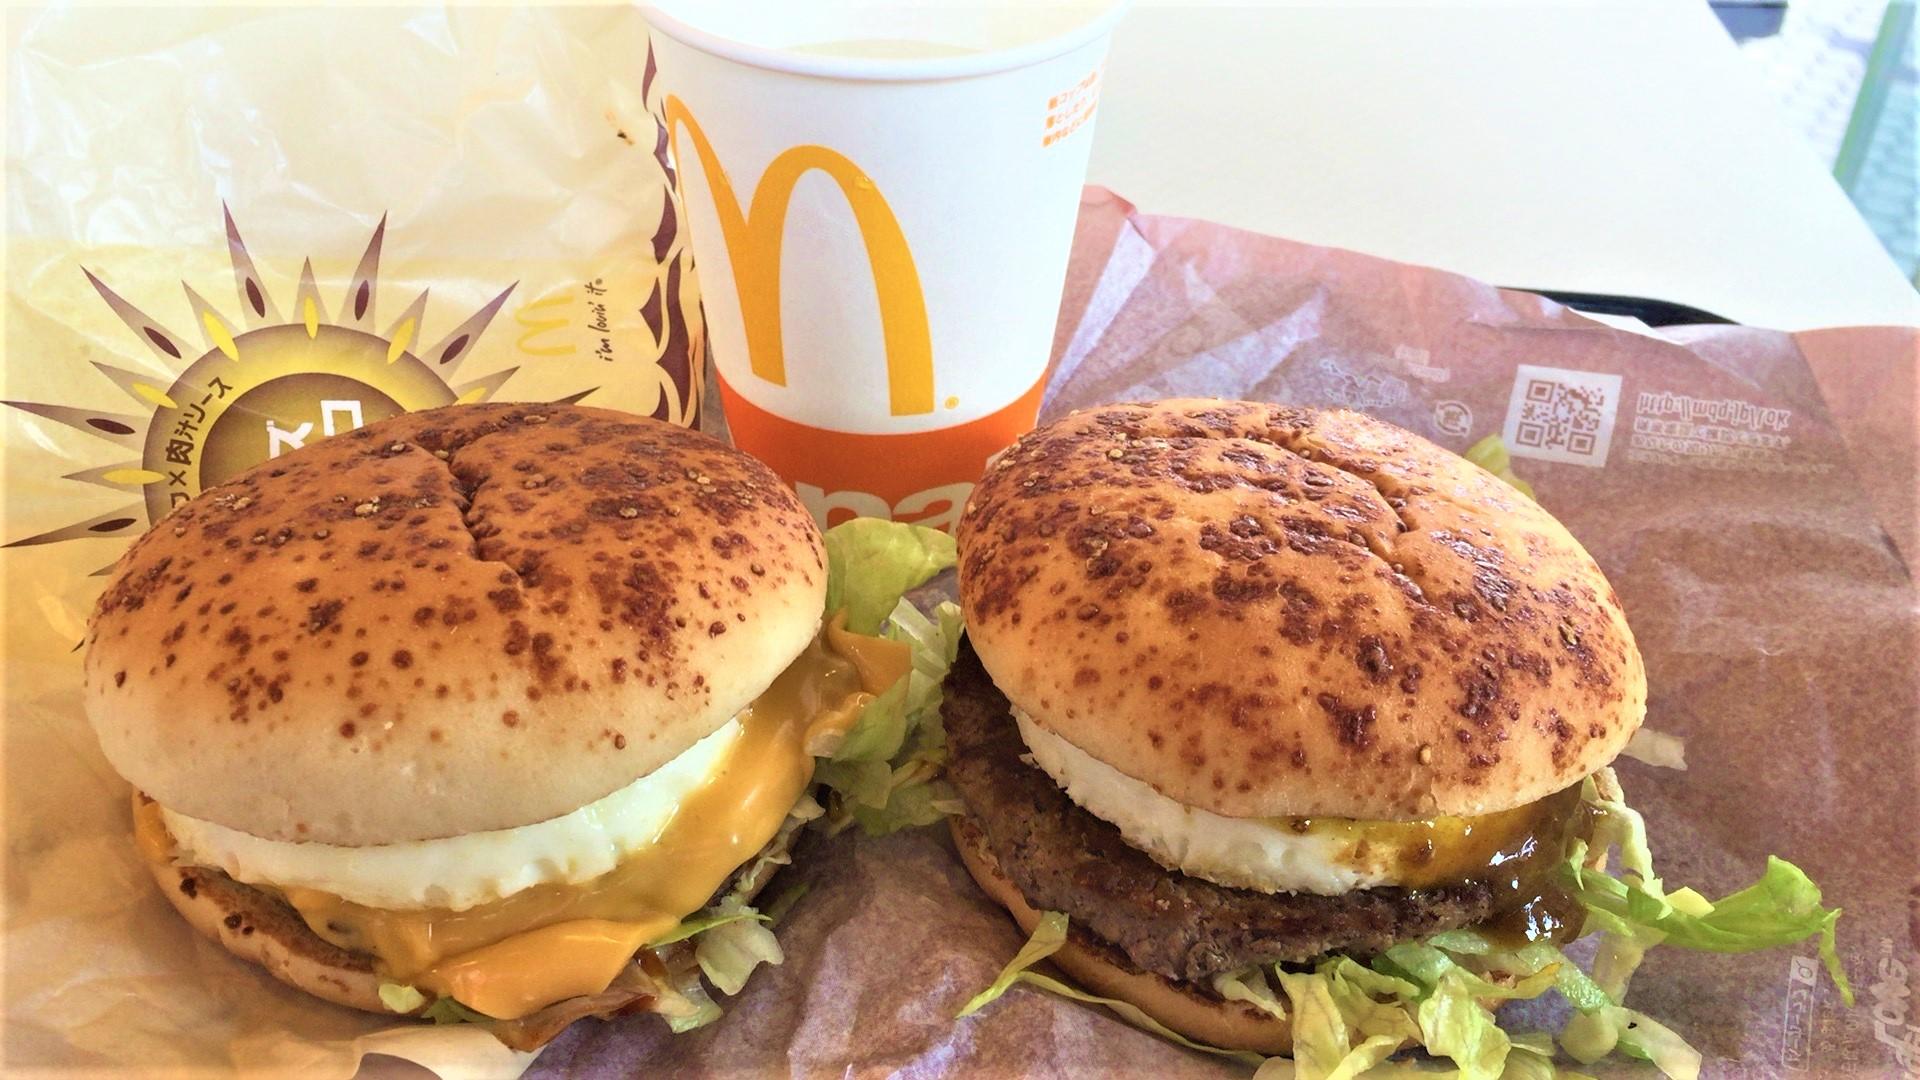 夏カレーロコモコ・チーズロコモコ(マクドナルド)を食べてみた【感想・口コミは?】